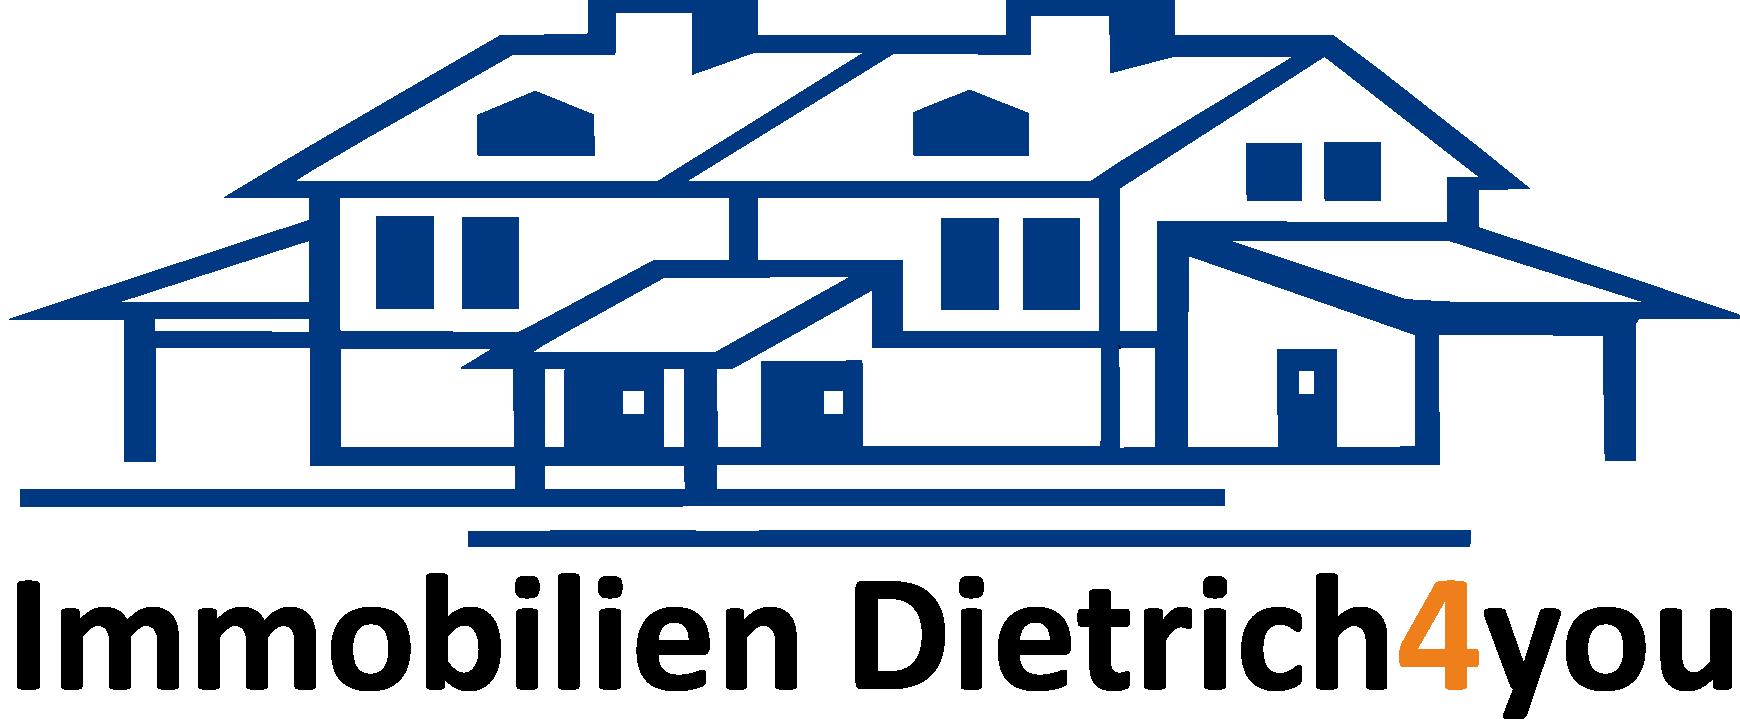 Hier sehen Sie das Logo von Immobilien Dietrich4you